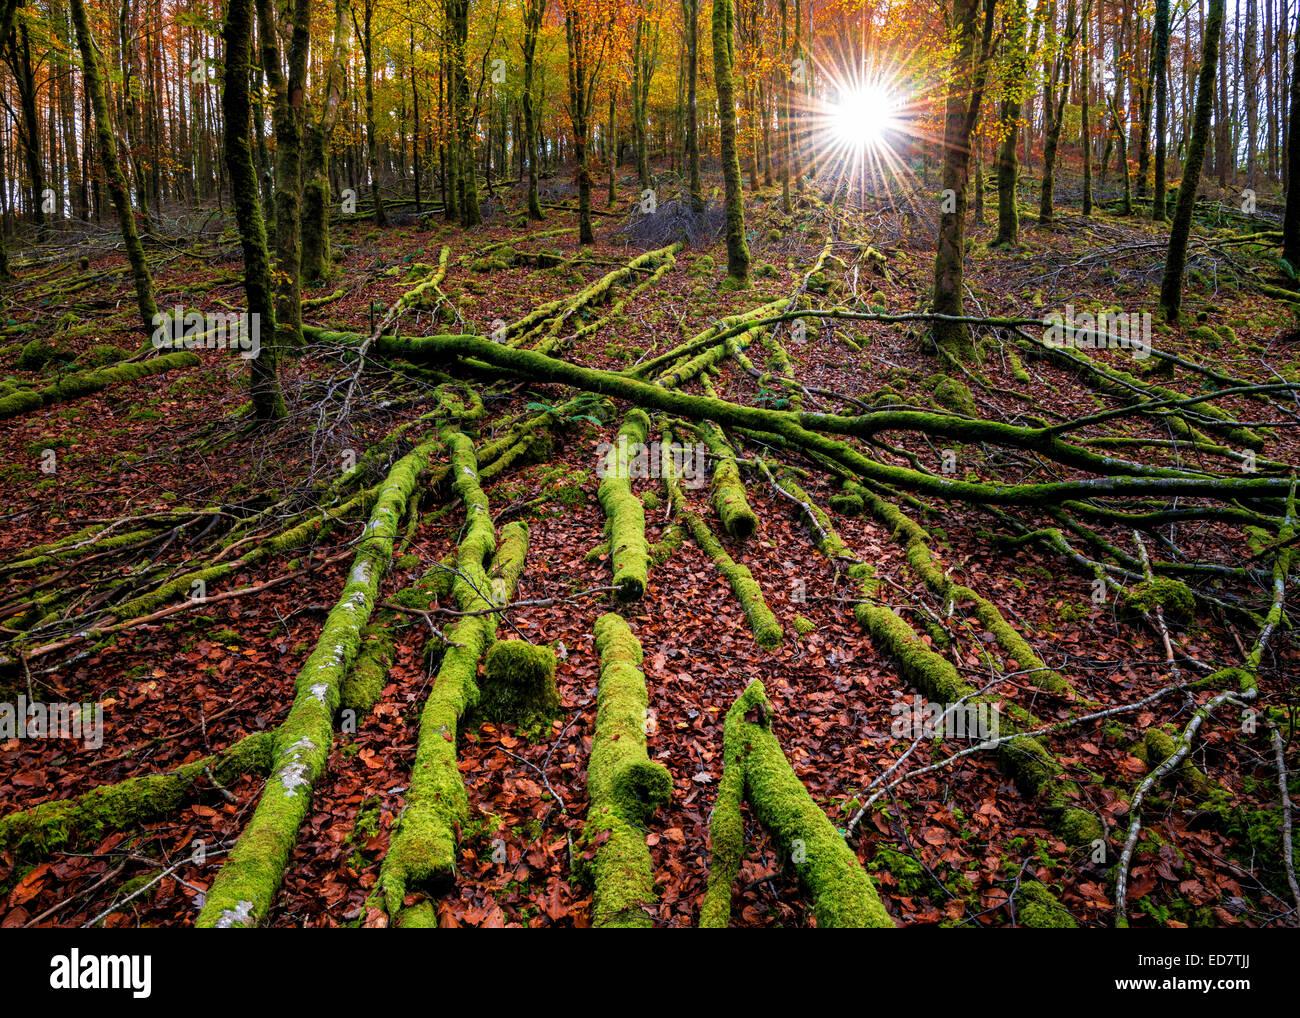 Herbstlichen Wald an der ersten Ampel. Stockbild